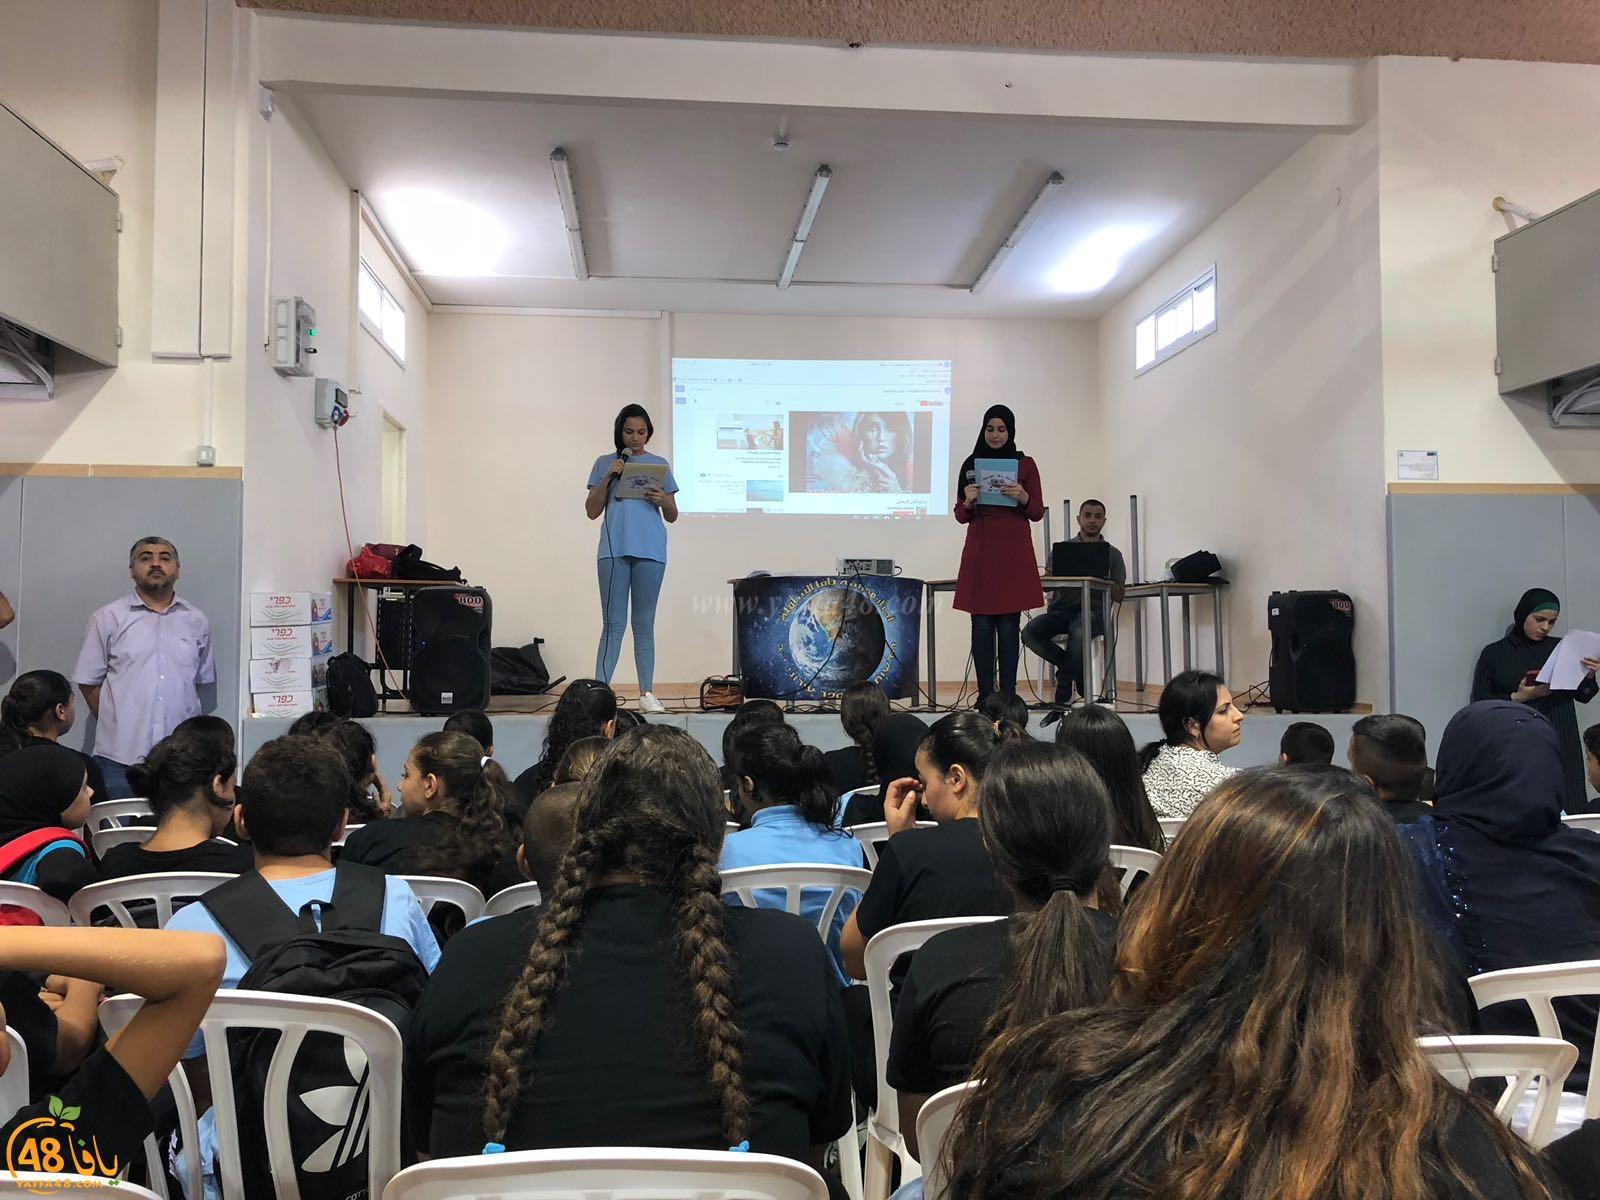 مدرسة يافا الشاملة تُحيي ذكرى الهجرة النبوية الشريفة